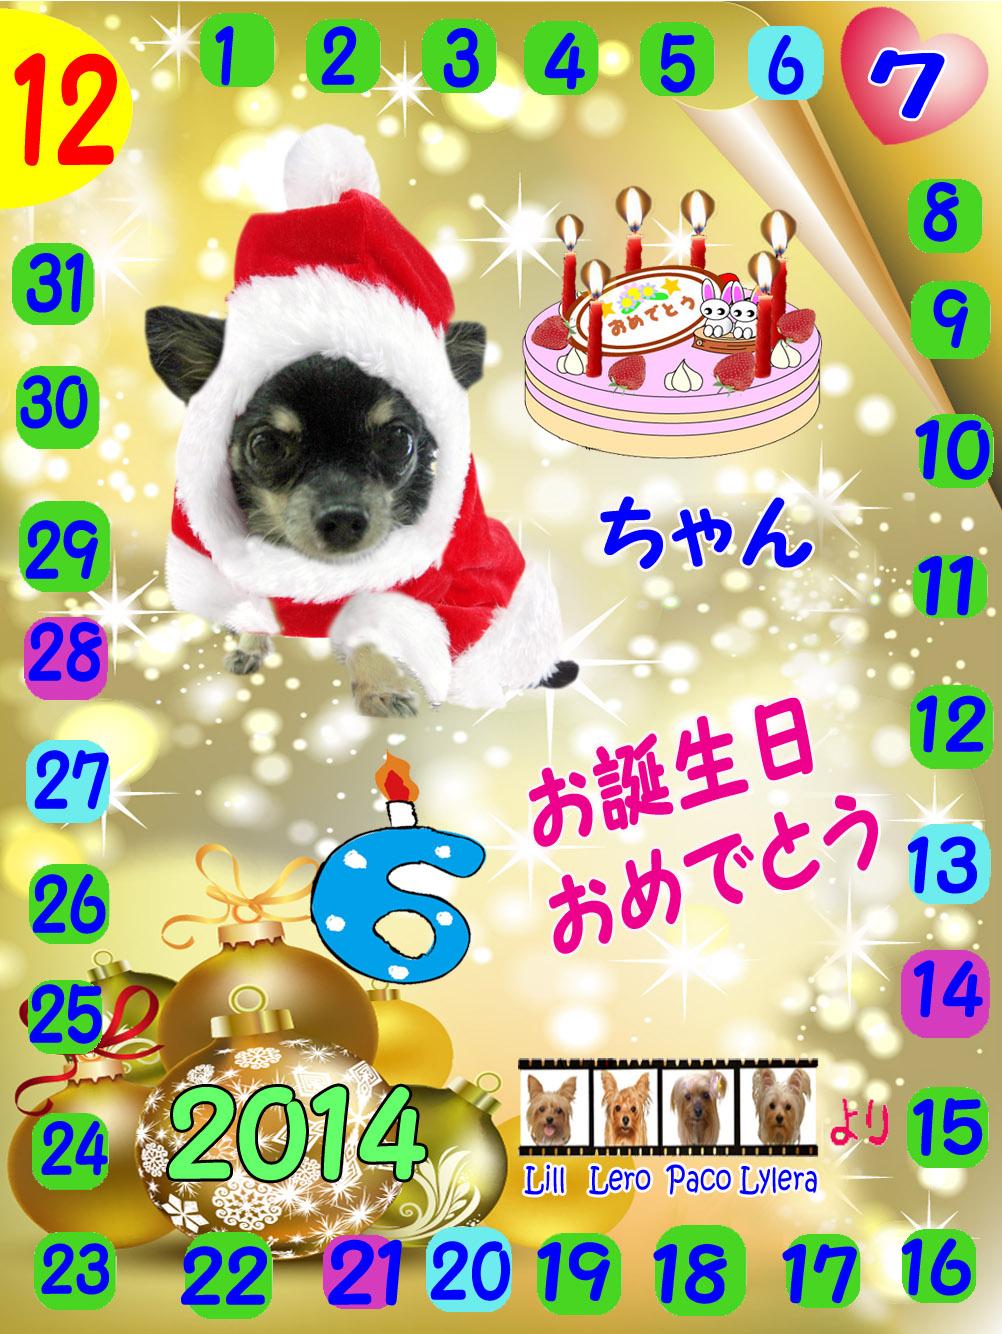 12-07-2014ミニーちゃん誕生日カード